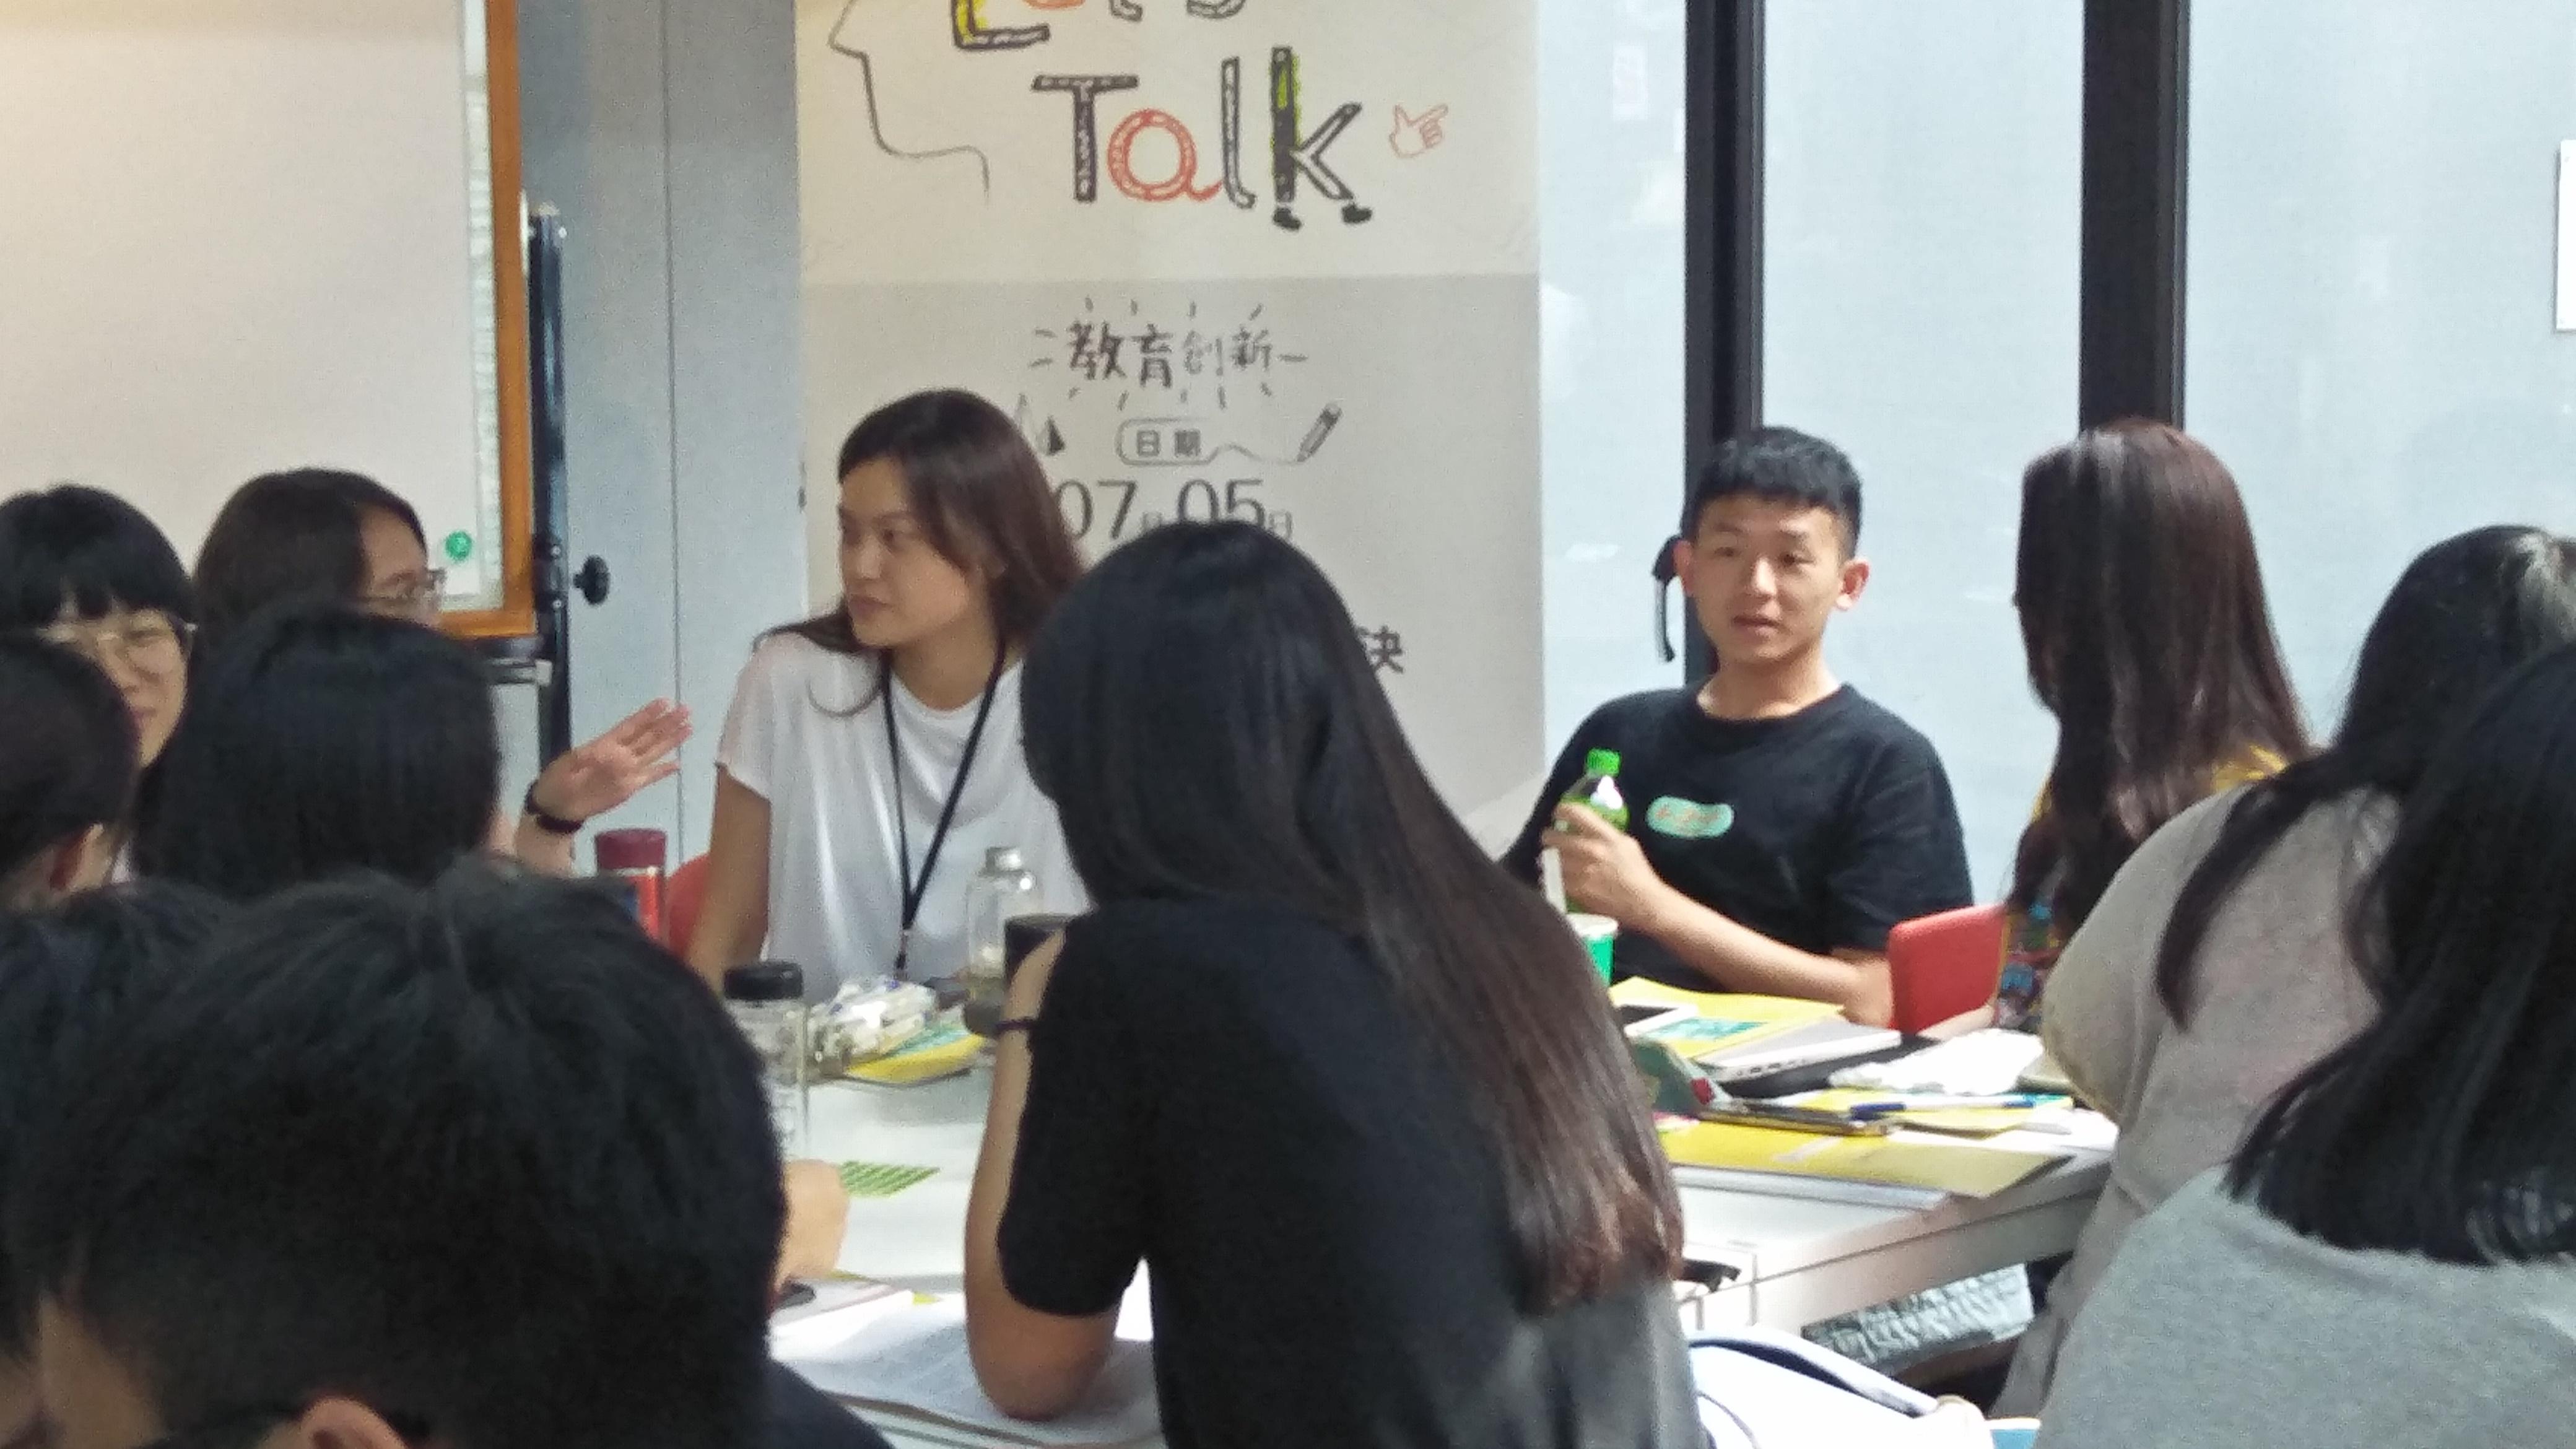 (圖一)Talk開始前與會青年們在會場內互相交流、討論。